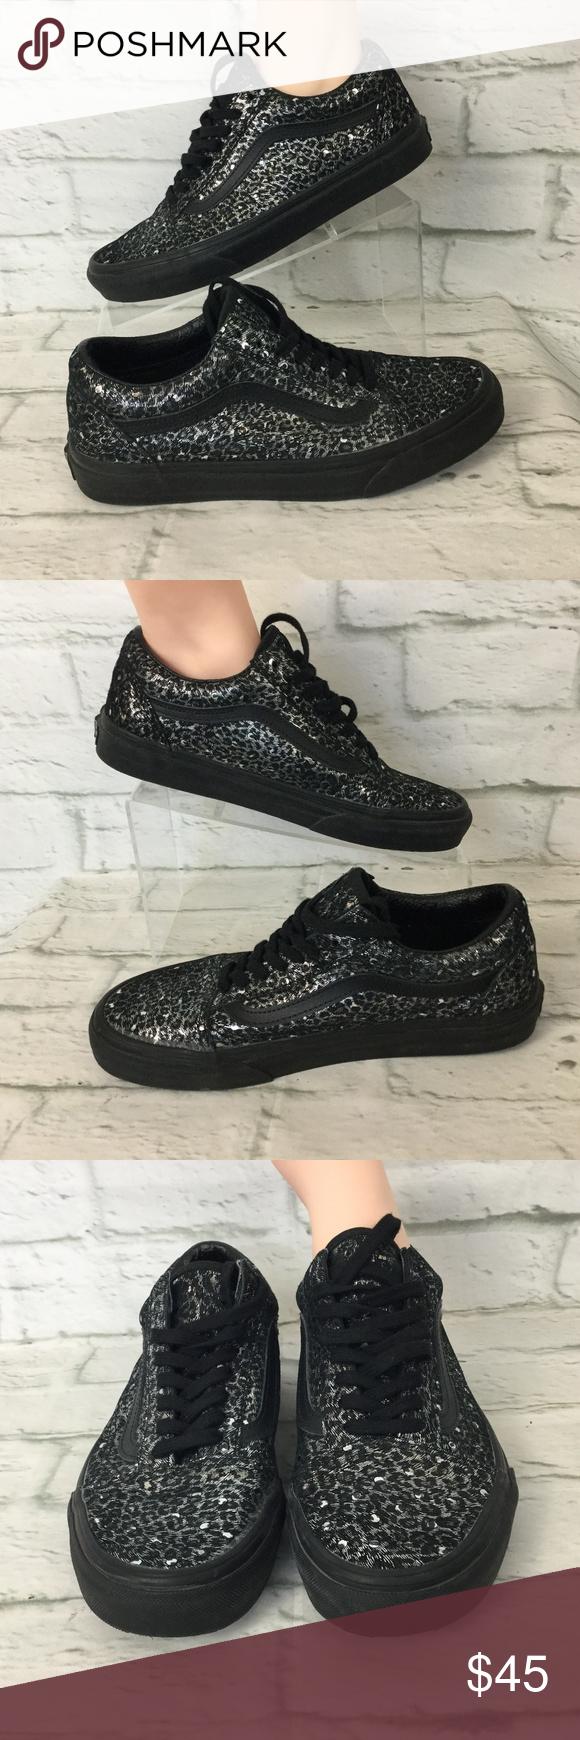 f8d8a77cb018d6 NWOT VANS Old Skool Metallic Leopard 8 VANS Old Skool Metallic Leopard Black  Skate Shoes WOMEN S